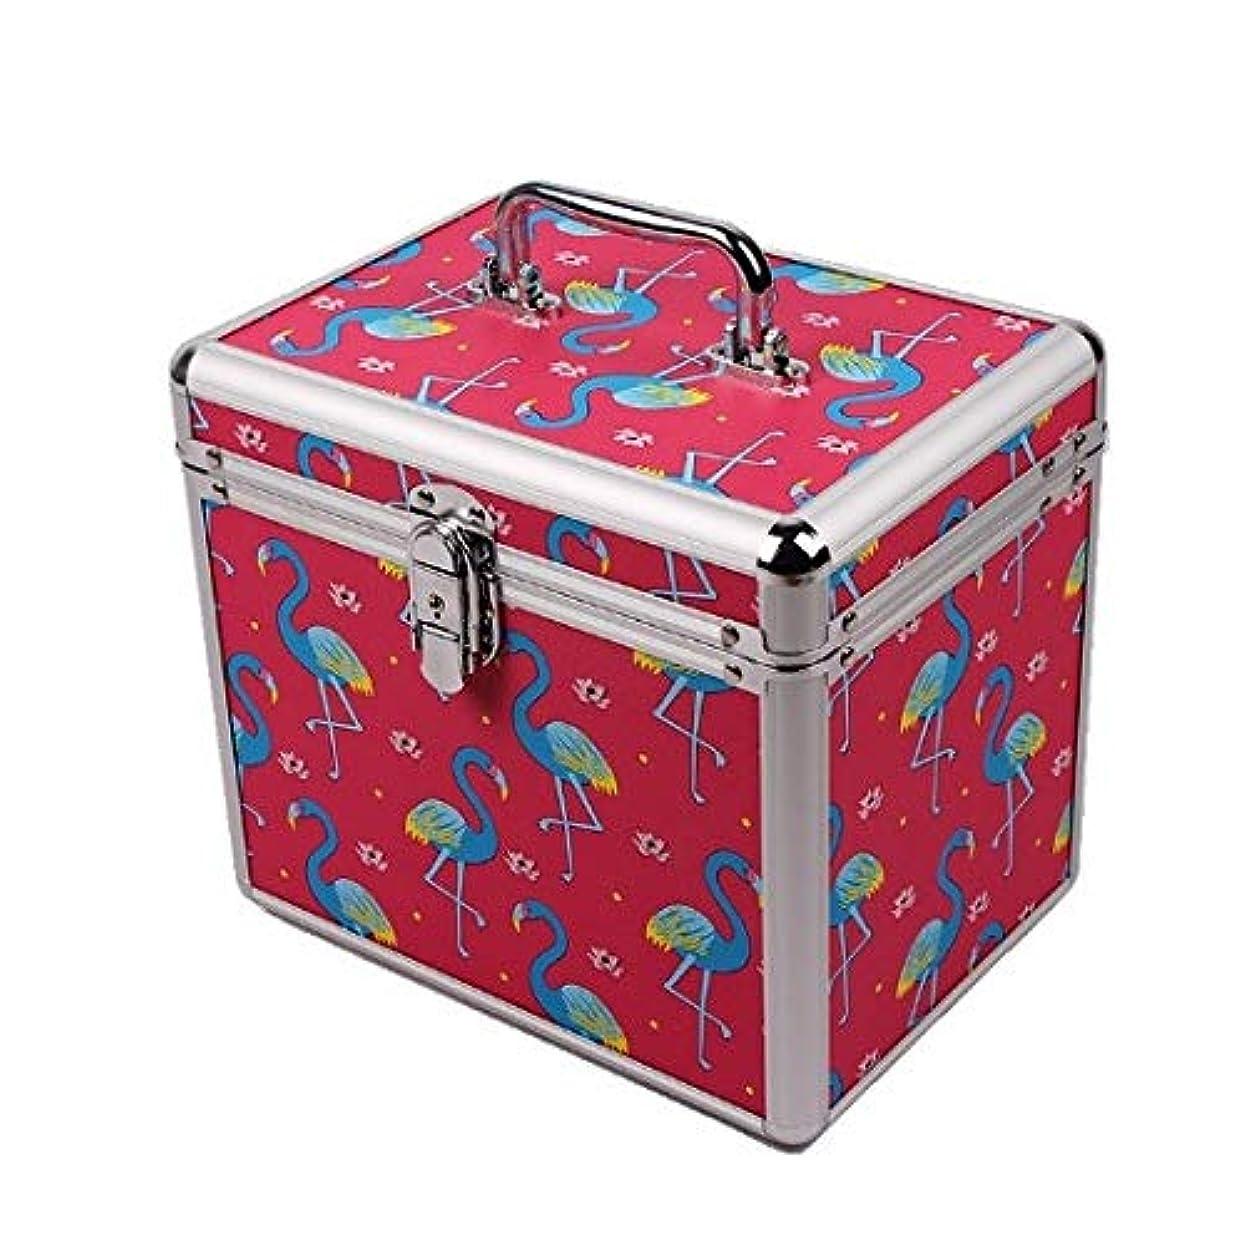 ベーカリー染色呼吸化粧品ケース、ポータブル二重層ロックフットバス技術者ポータブルツールボックス、ポータブル旅行化粧品ケース、美容ネイルジュエリー収納ボックス (Design : 1#)